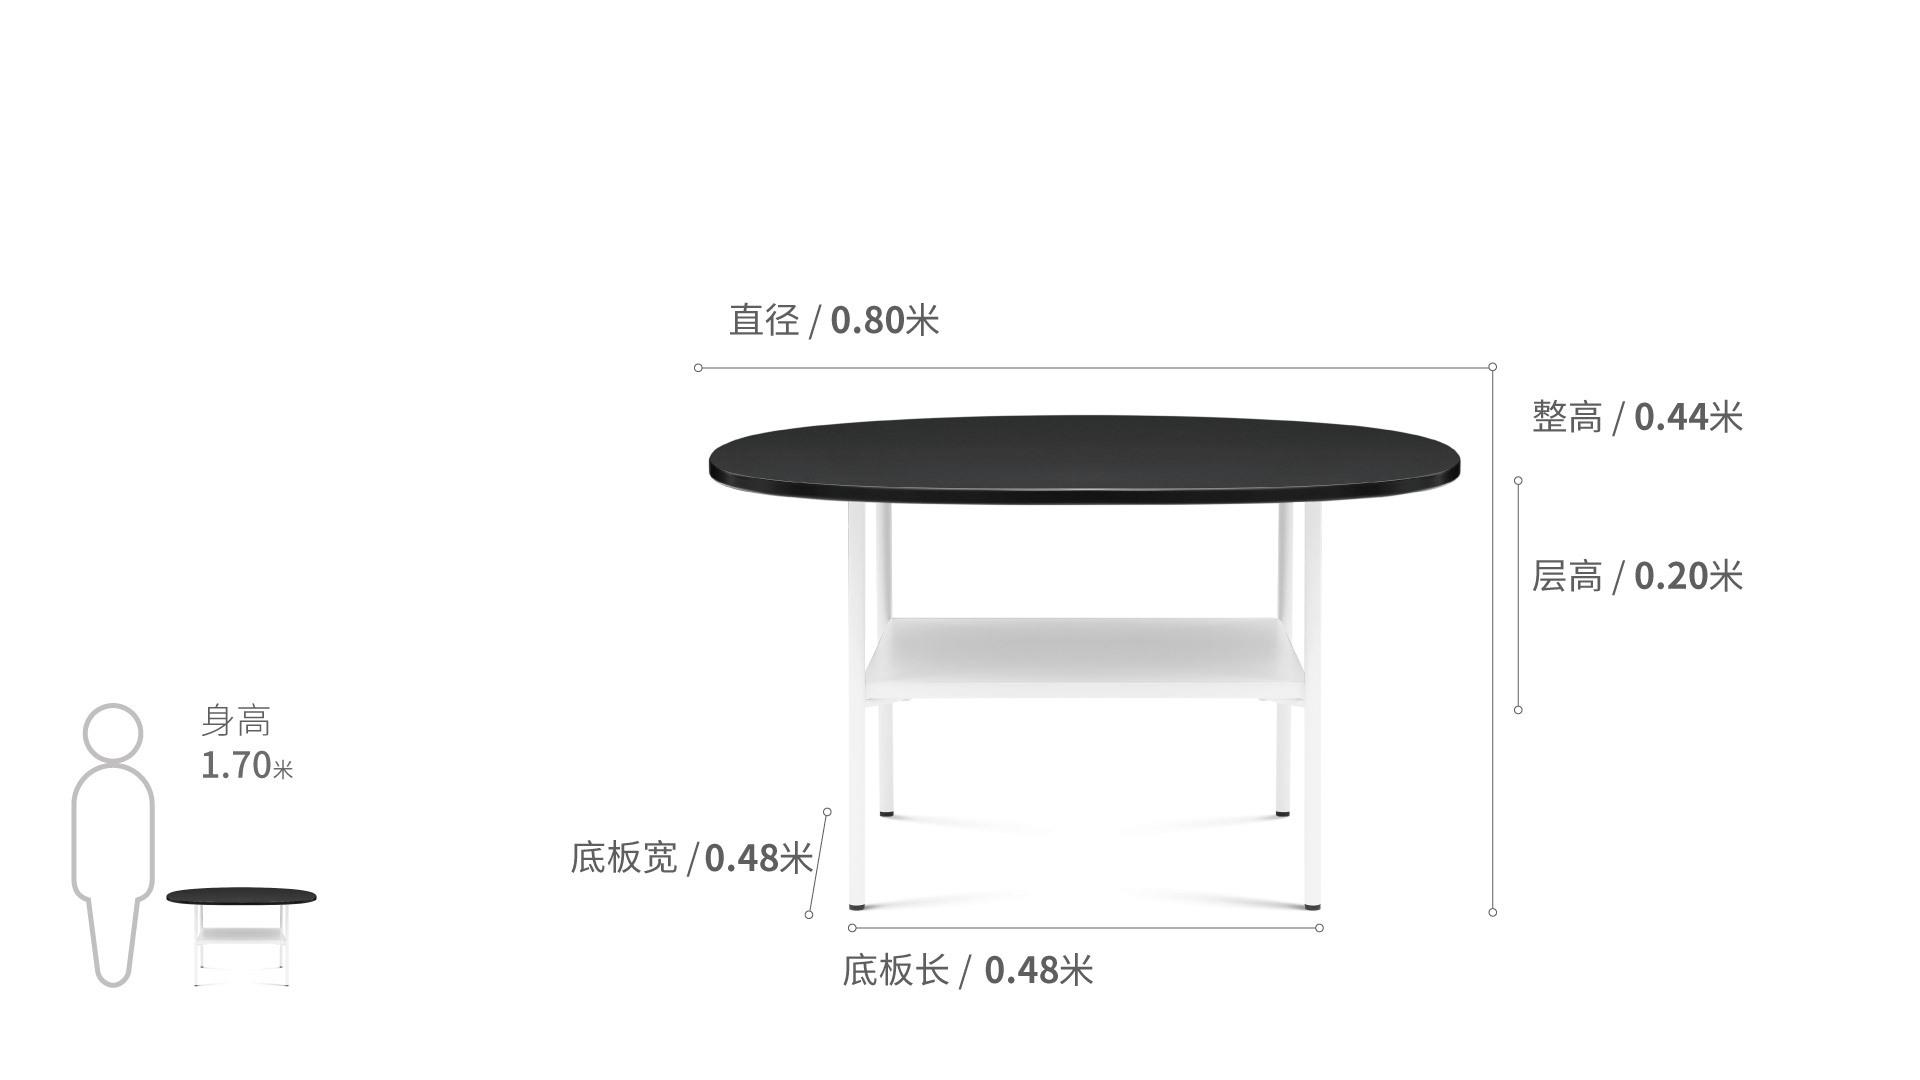 熊猫茶几方圆款桌几效果图